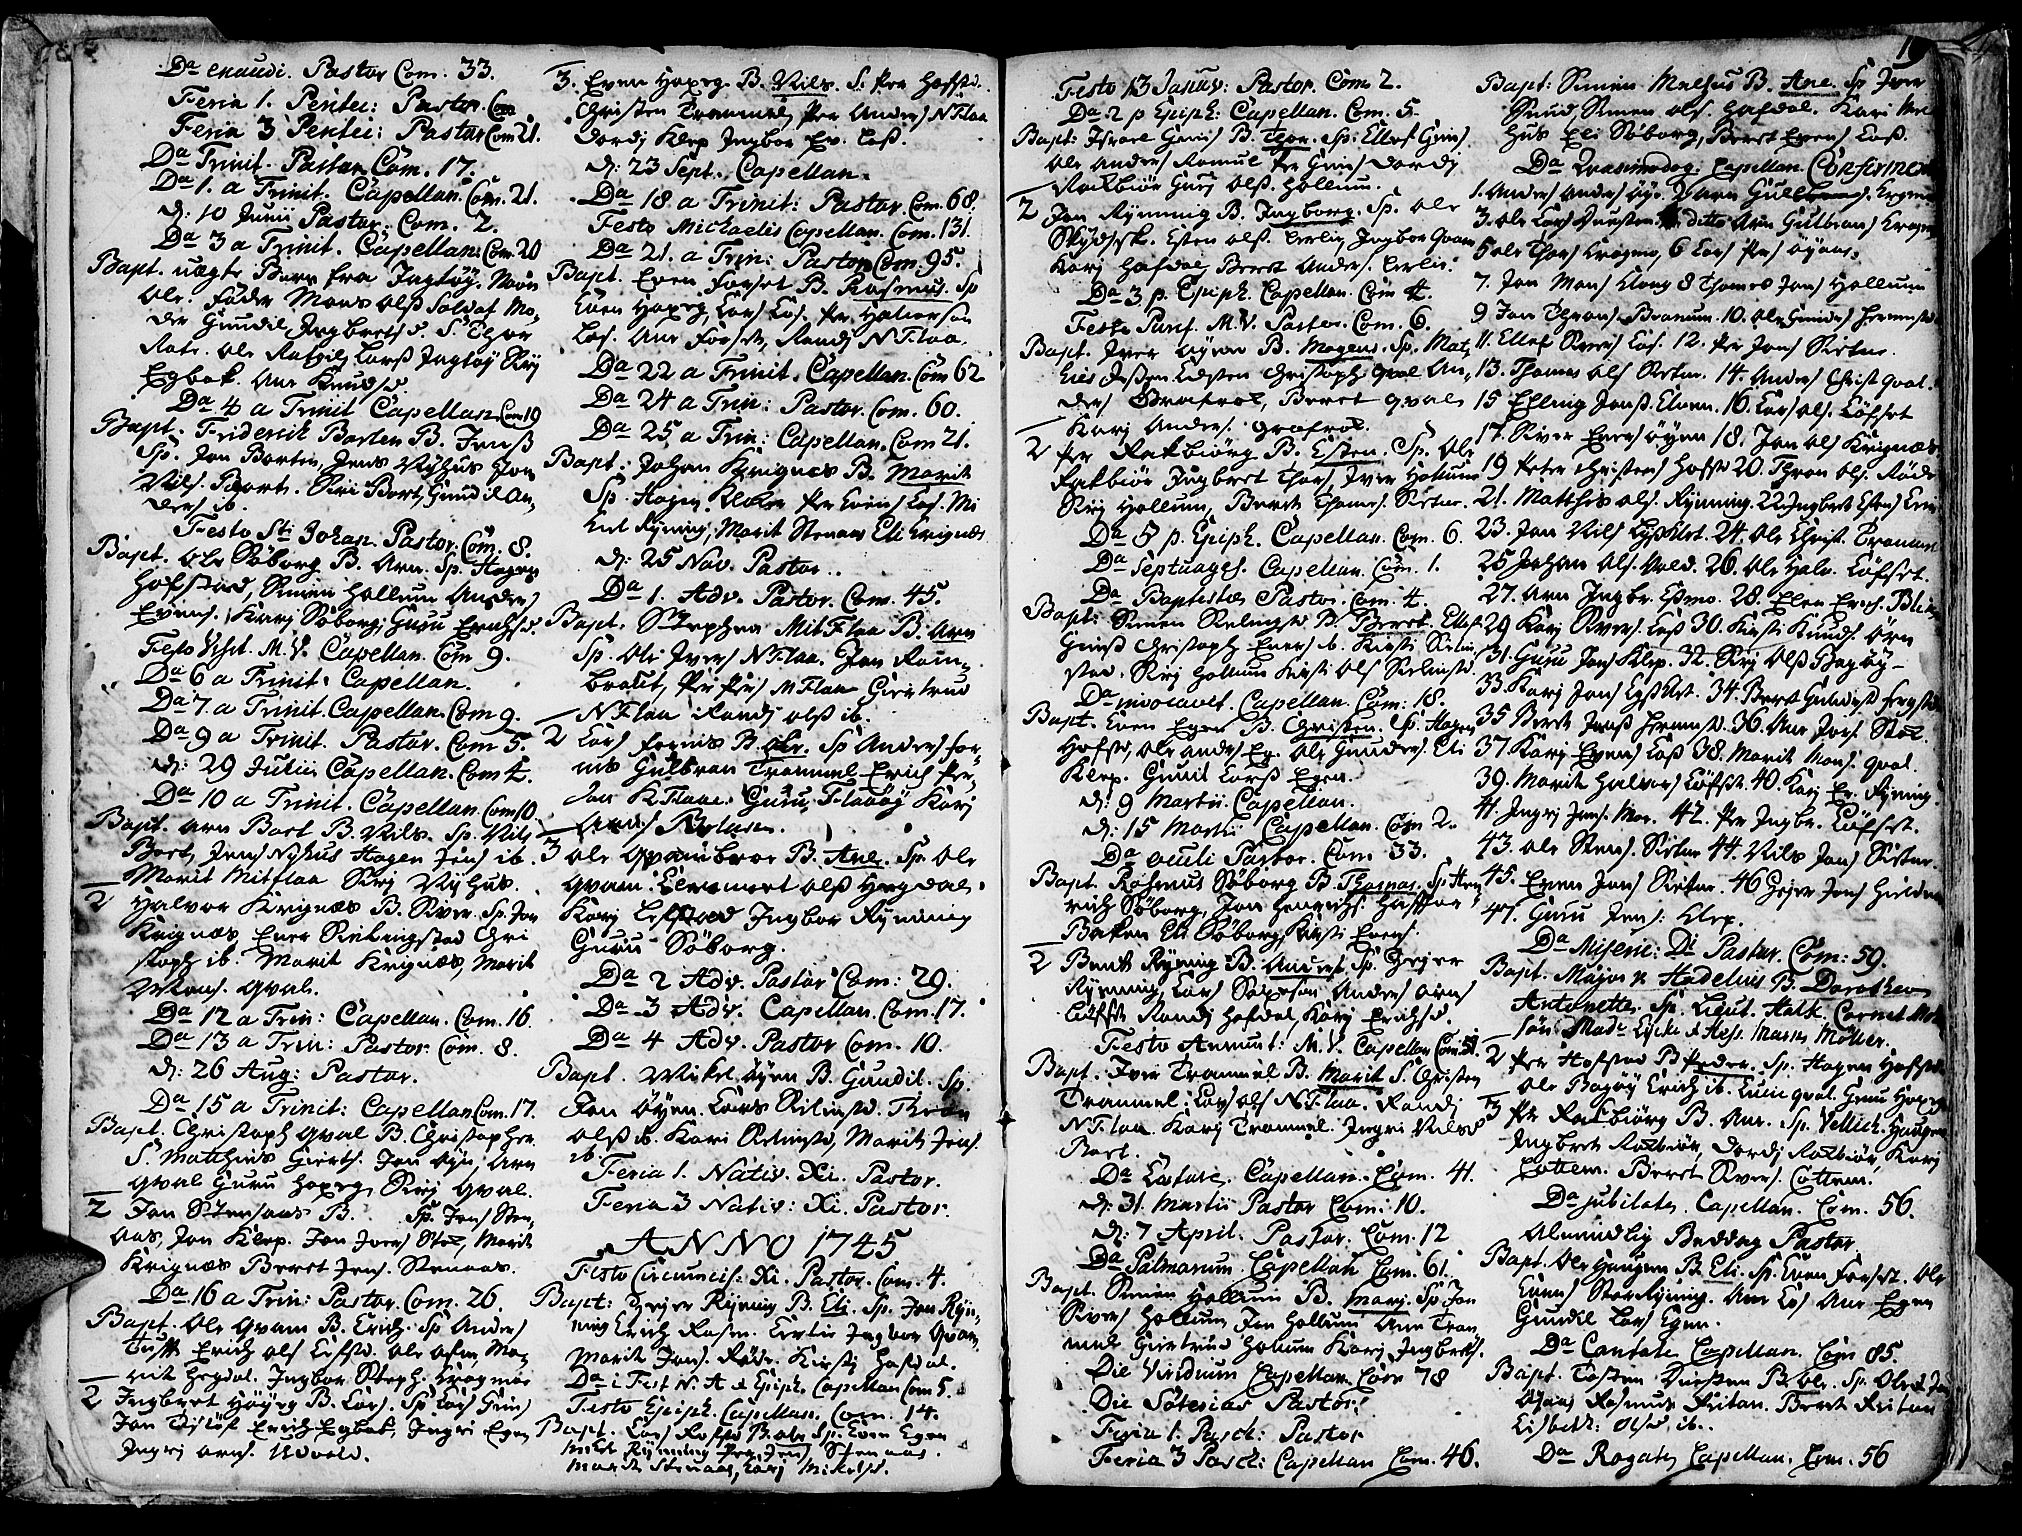 SAT, Ministerialprotokoller, klokkerbøker og fødselsregistre - Sør-Trøndelag, 691/L1057: Ministerialbok nr. 691A01 /1, 1740-1767, s. 19